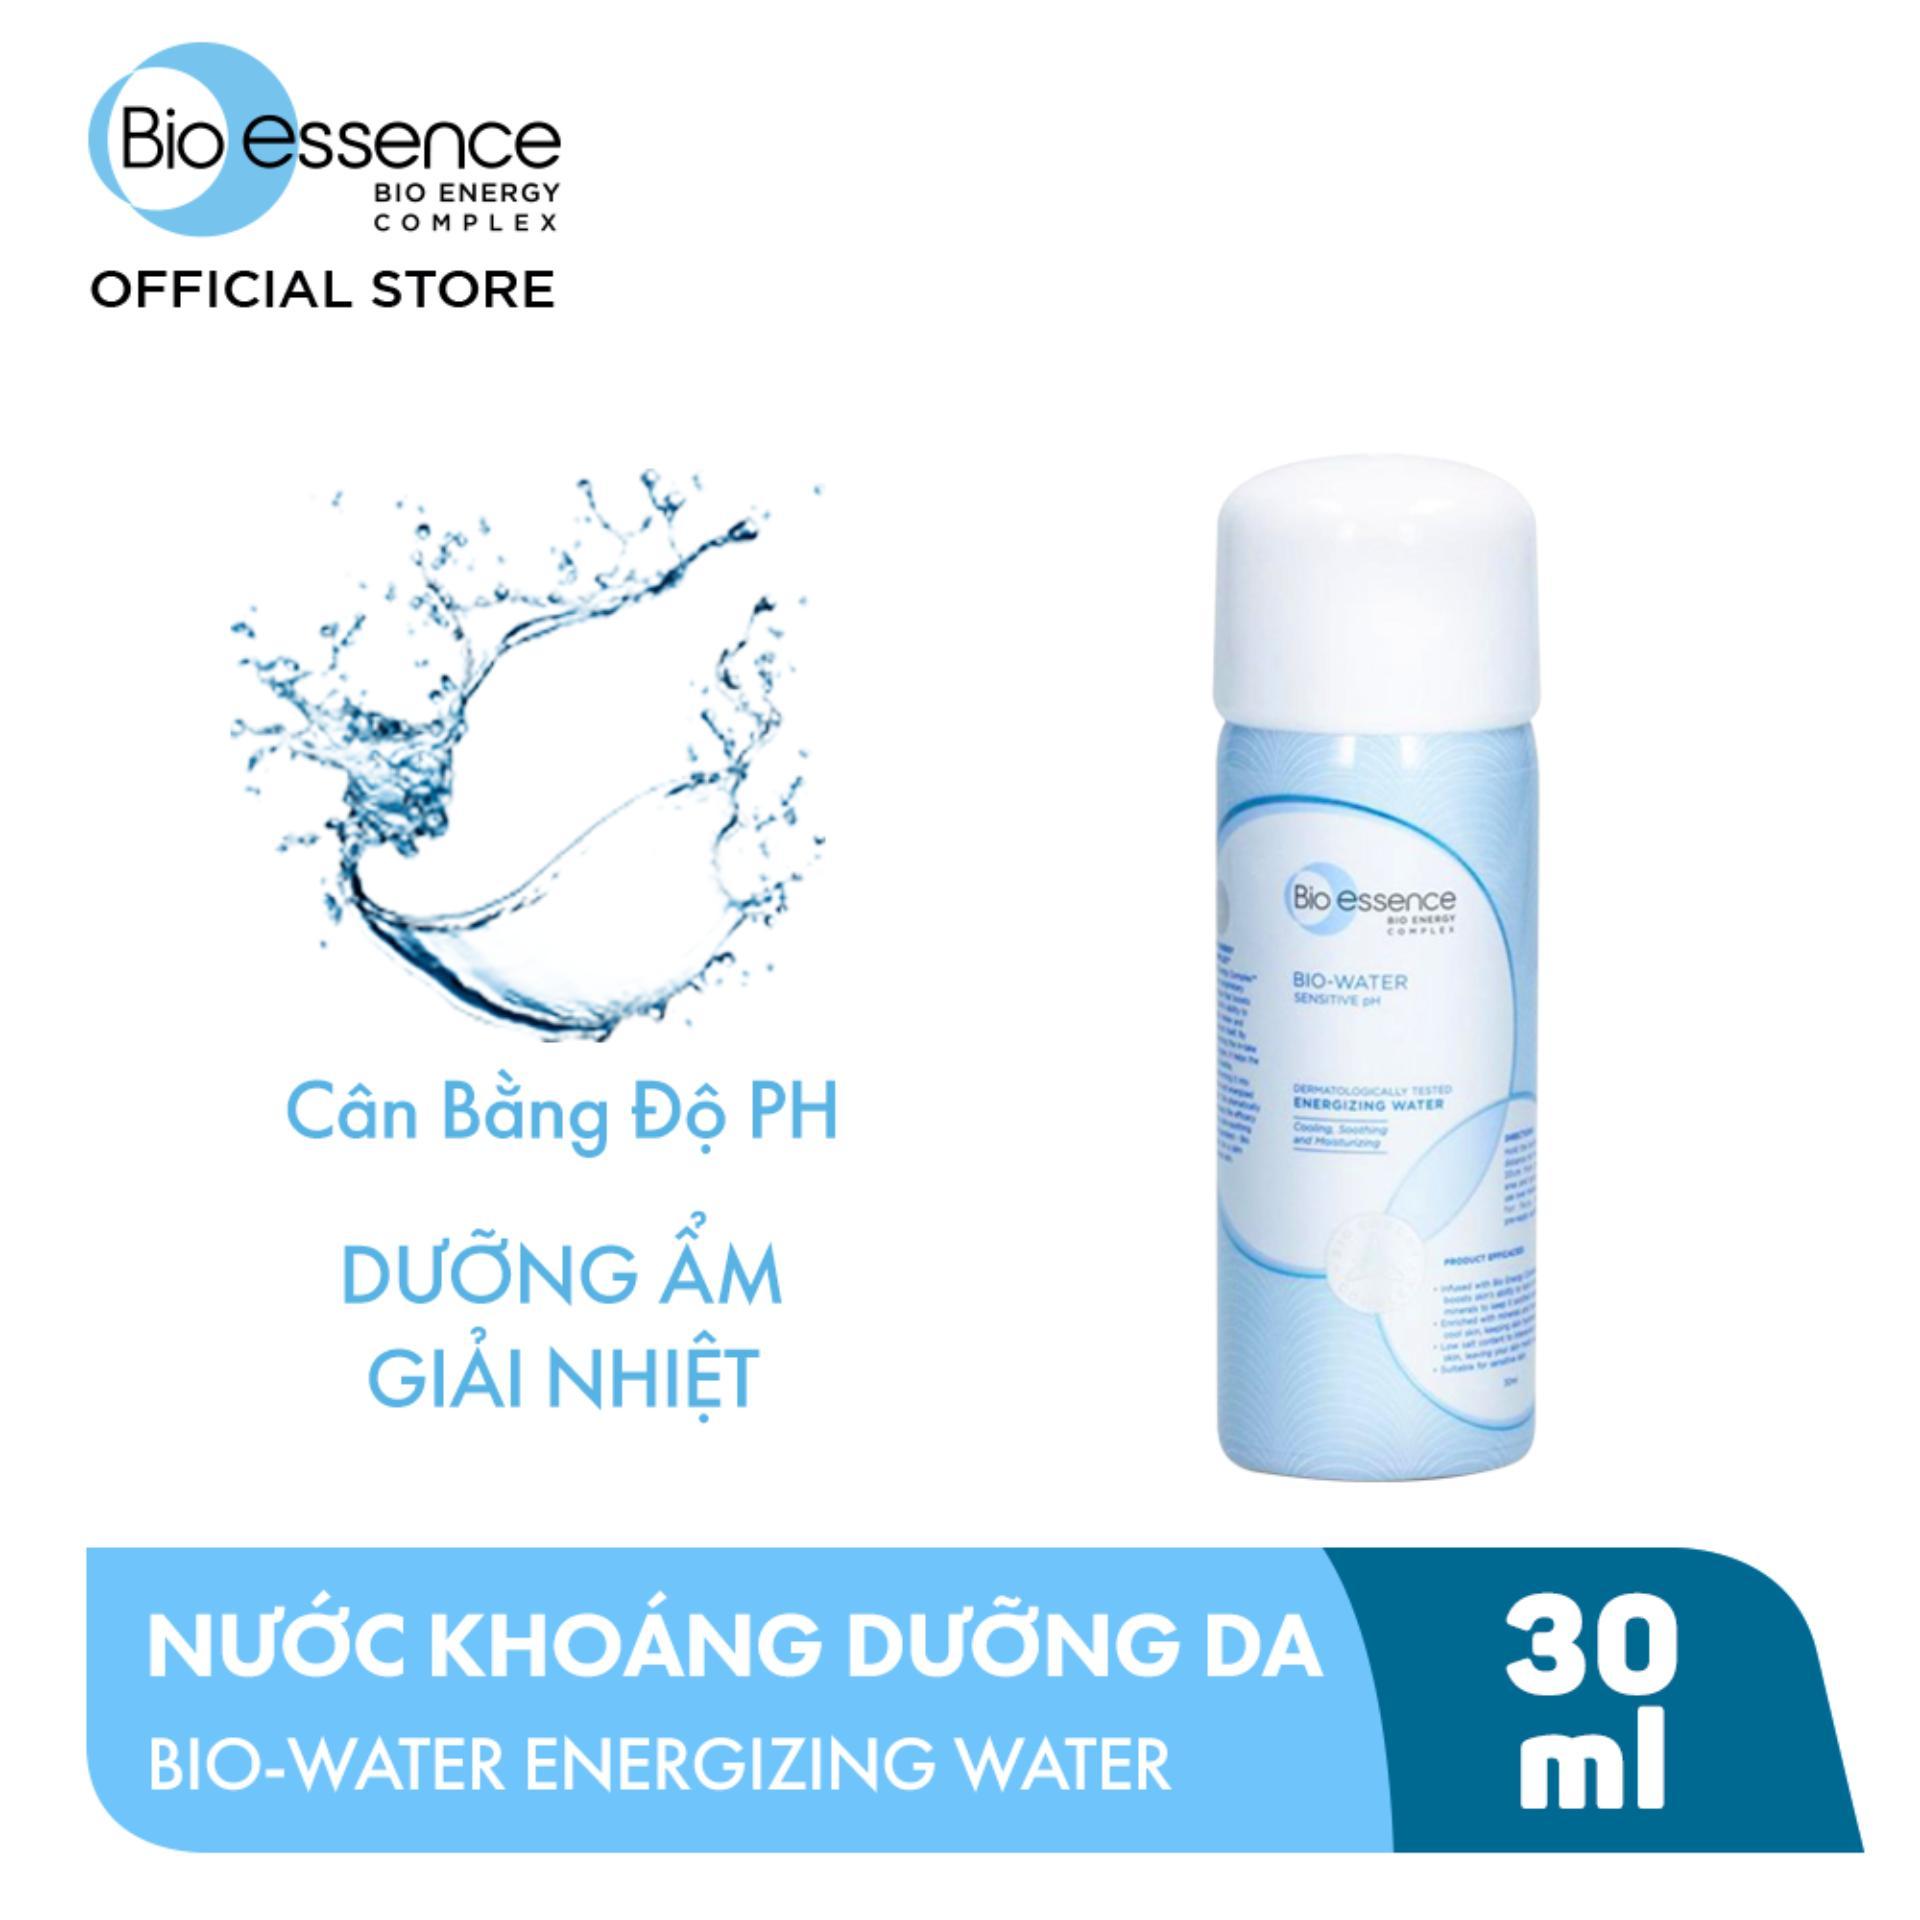 Nước Xịt Khoáng Dưỡng Da Energizing Water Bio-essence 30ml Siêu Tiết Kiệm